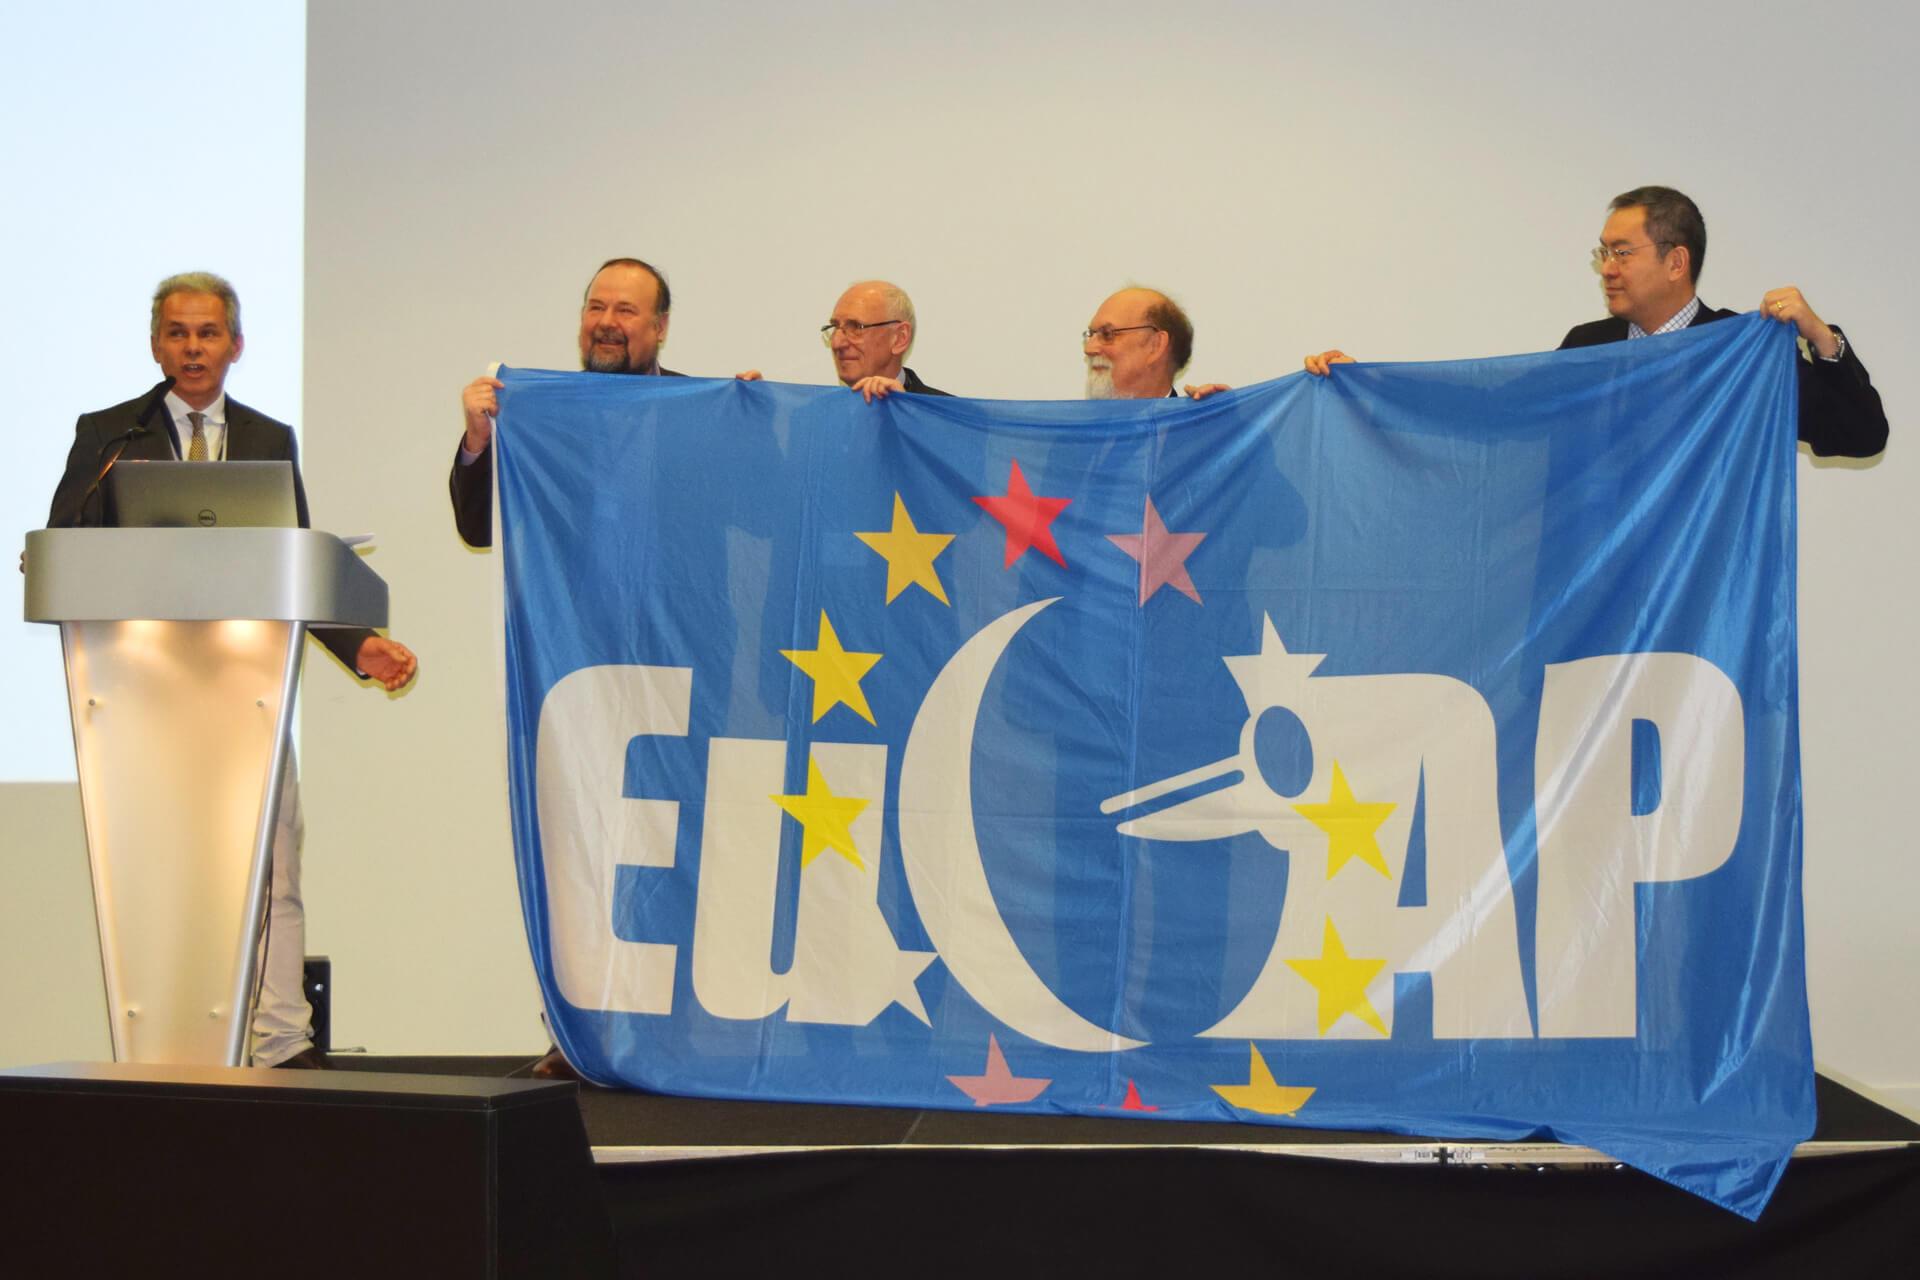 EuCAP_flag_to_Krakow2019_1920px.jpg